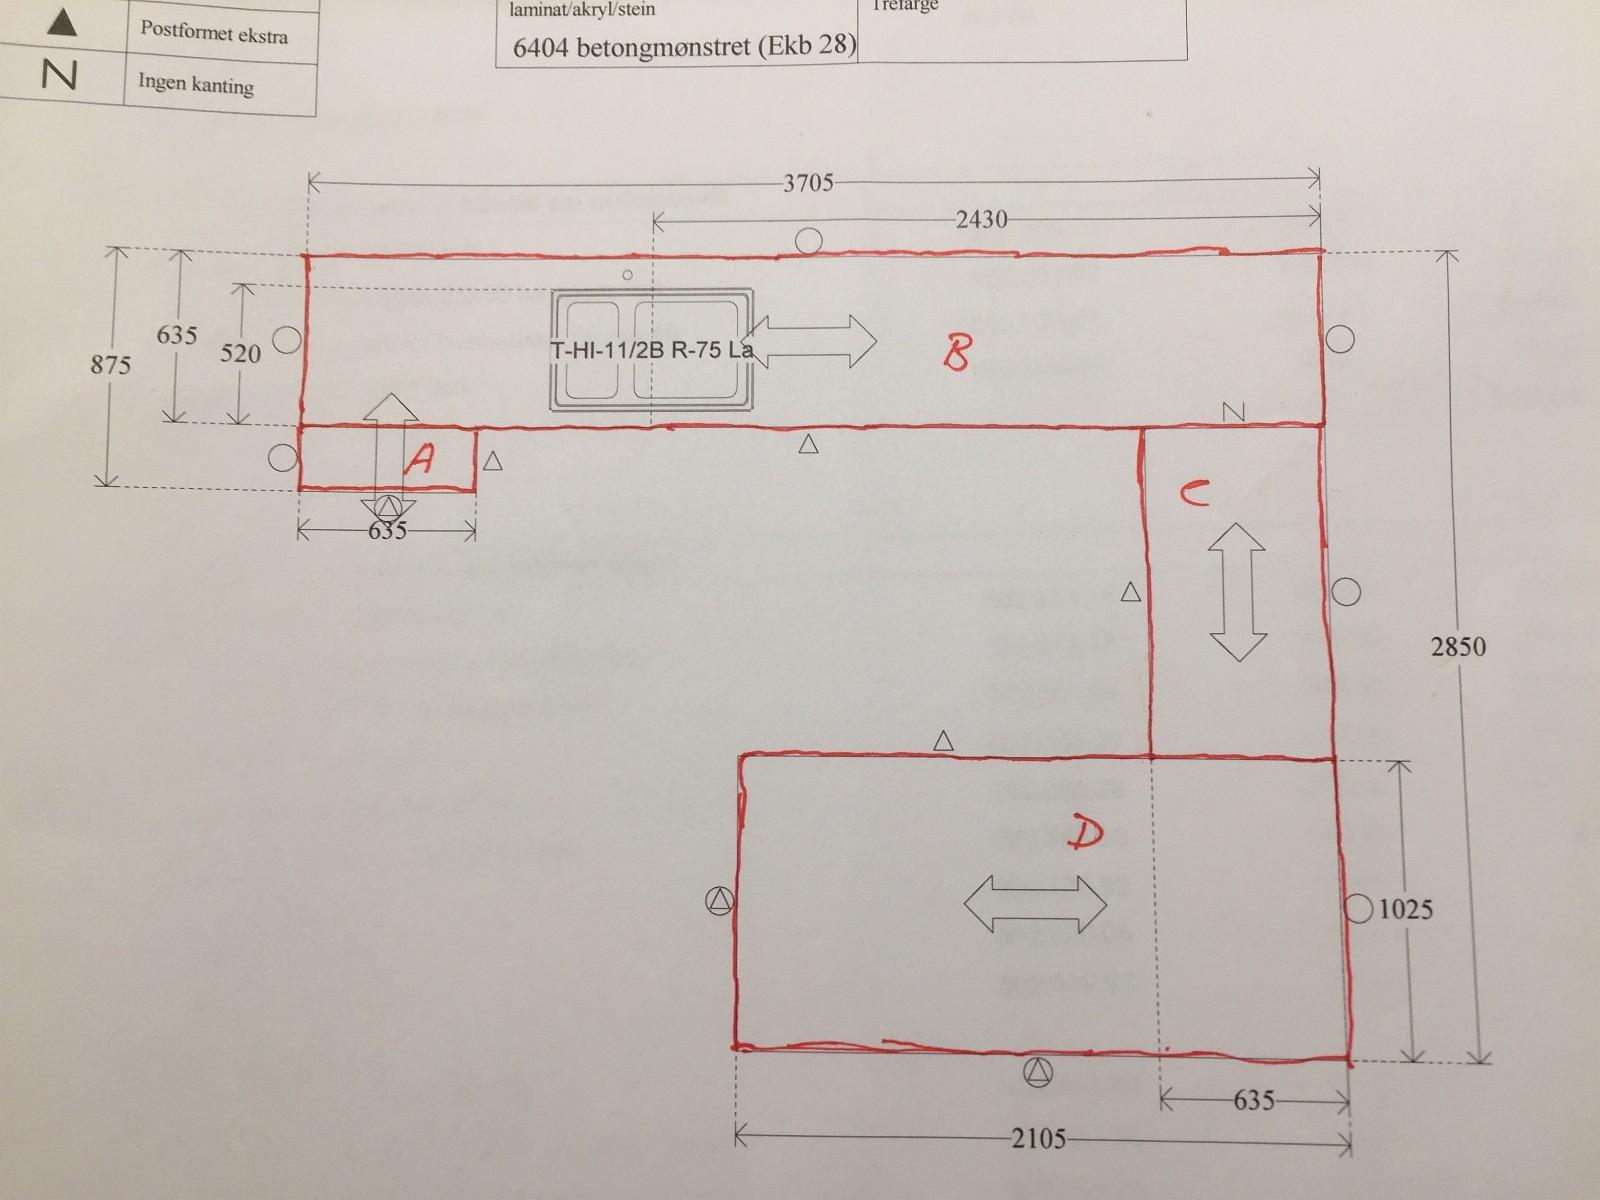 4 stk. nye benkeplater i betongmønstret laminat - Sandnes  - Tilpassede IKEA Ekbacken 28mm laminat benkeplater Plate A: Ny. I orignal emballasje. Plate B: Ny. I orignal emballasje. Platen er uten hull til vask. Plate C: Har vært monter. Liten skade (se bilde). Plate D: Ny. I ori - Sandnes